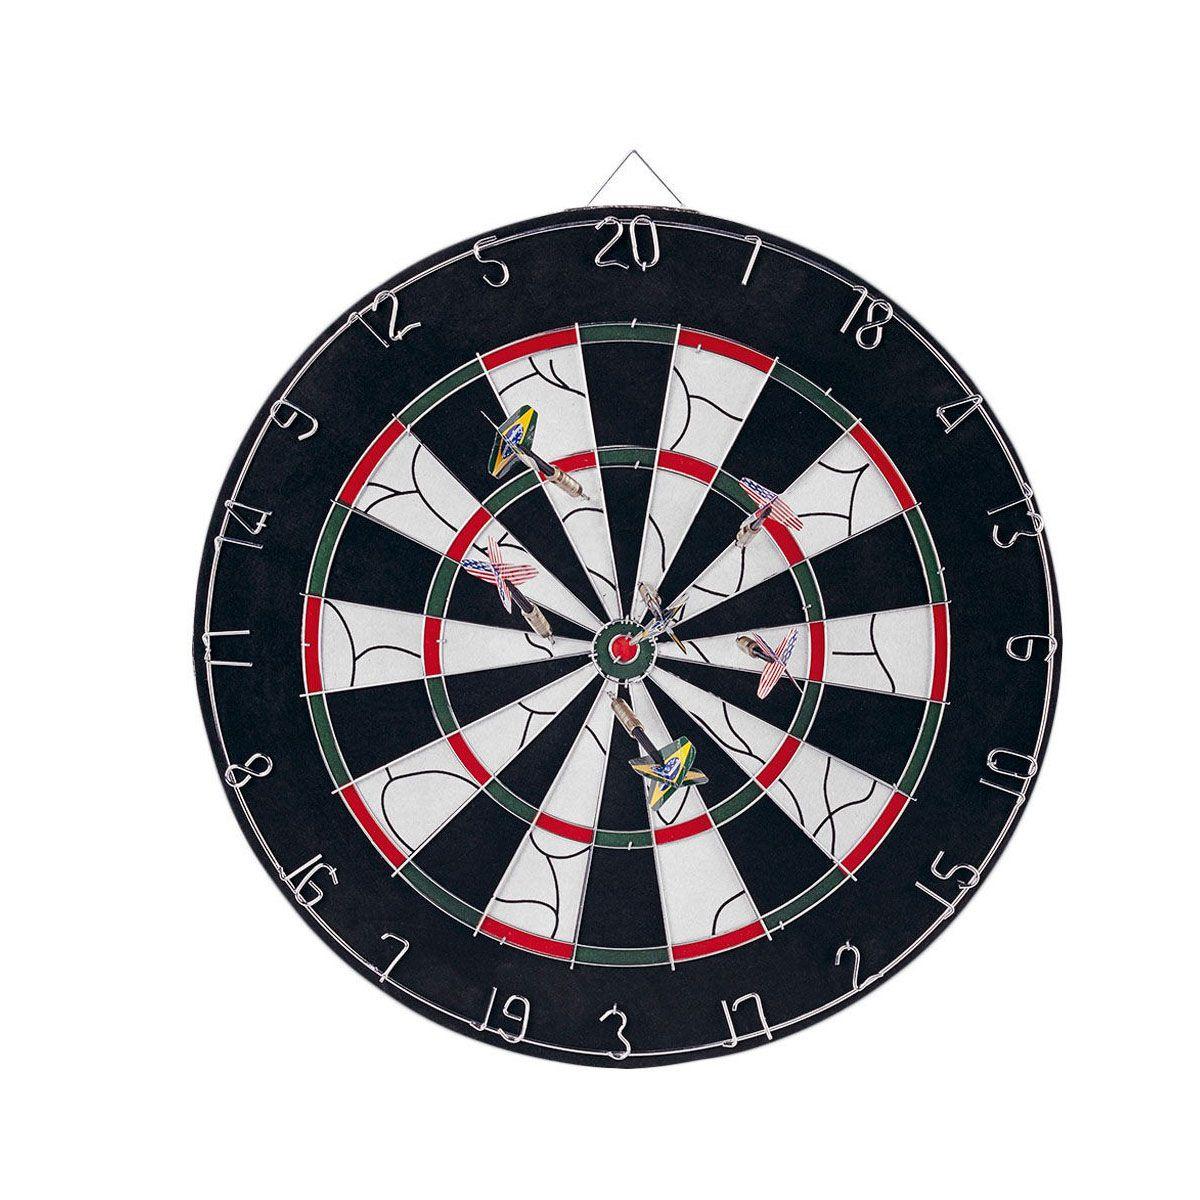 Kit jogo de Dardos Nautika 45 cm + 6 dardos